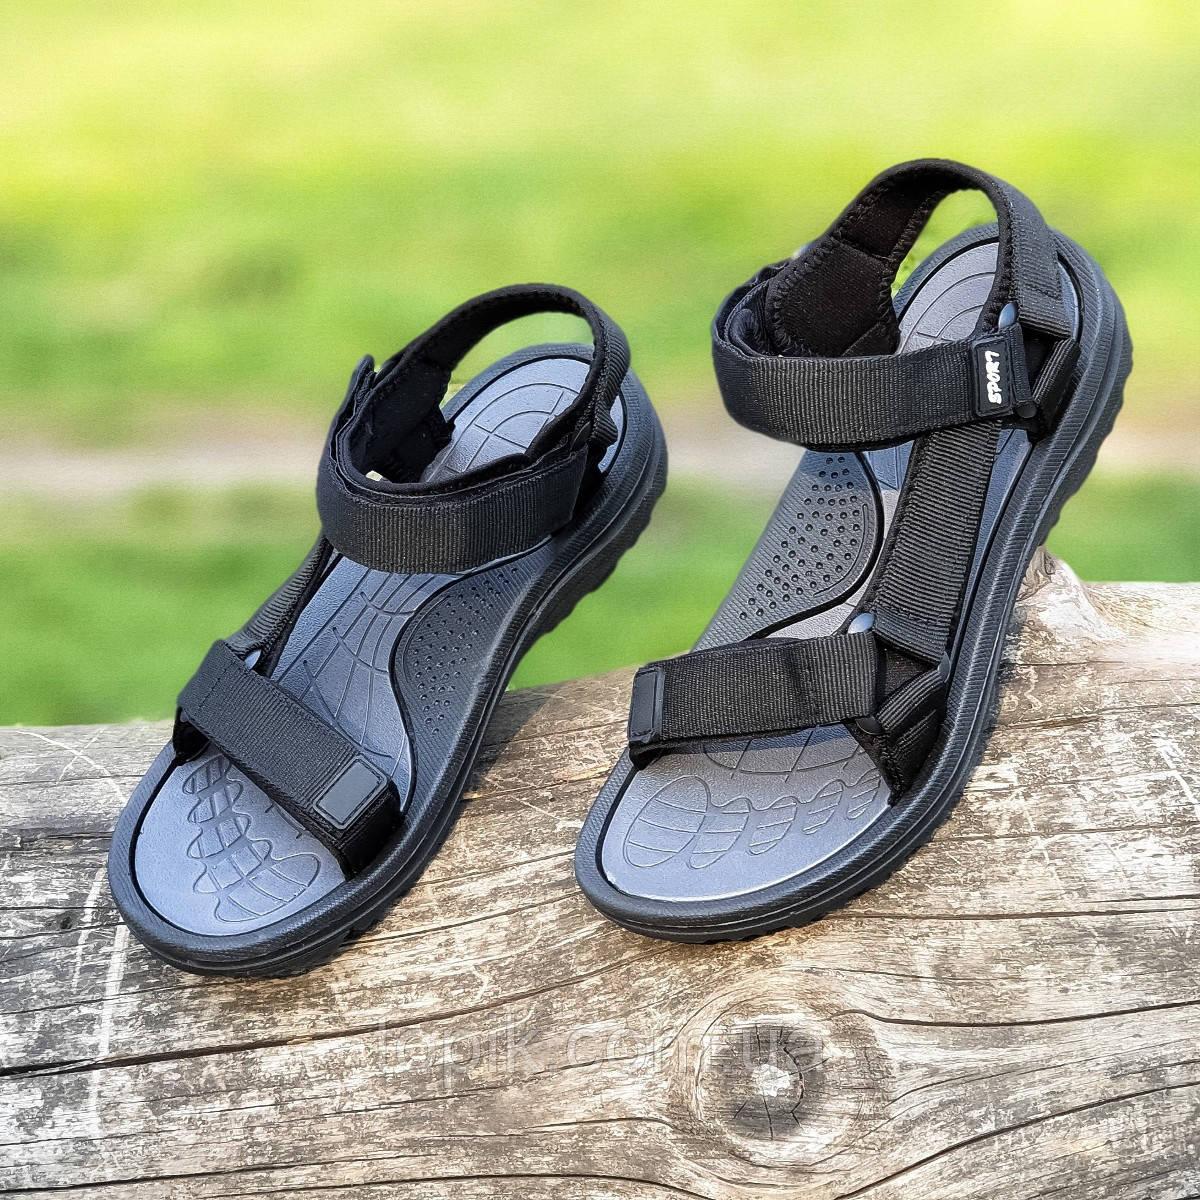 Босоножки сандалии мужские черные на липучках (Код: 1444а)